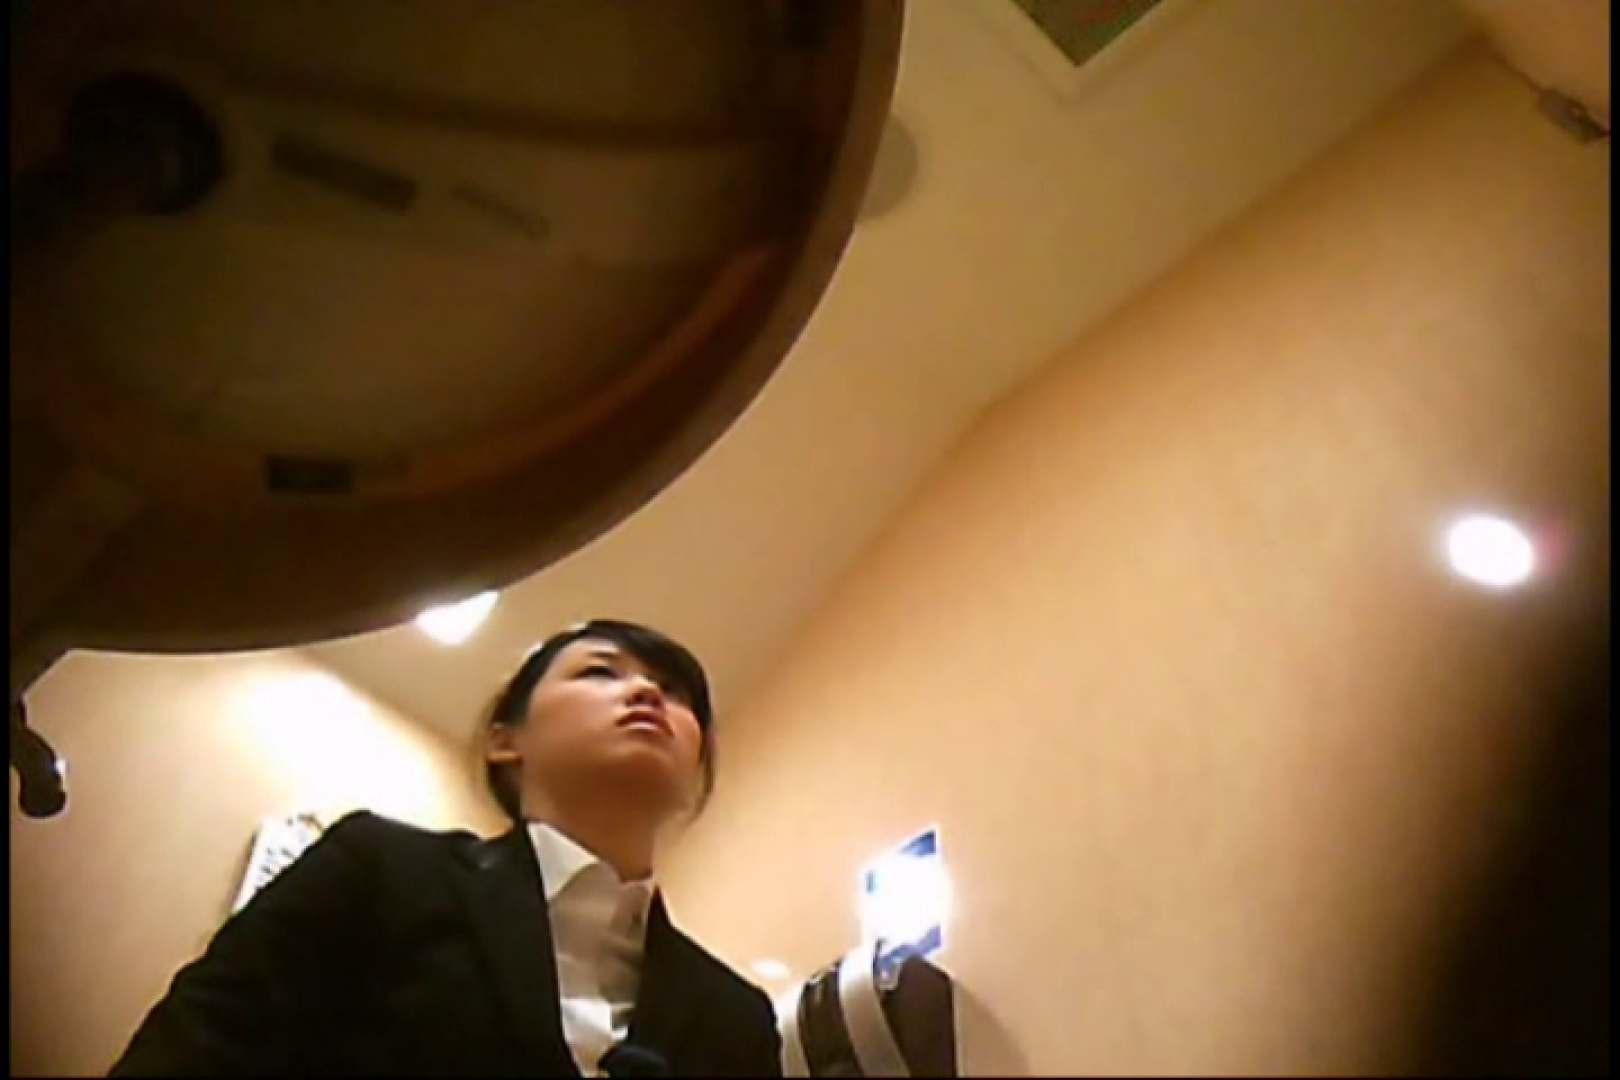 潜入!!女子化粧室盗撮~絶対見られたくない時間~vo,82 潜入突撃 オメコ動画キャプチャ 82pic 3